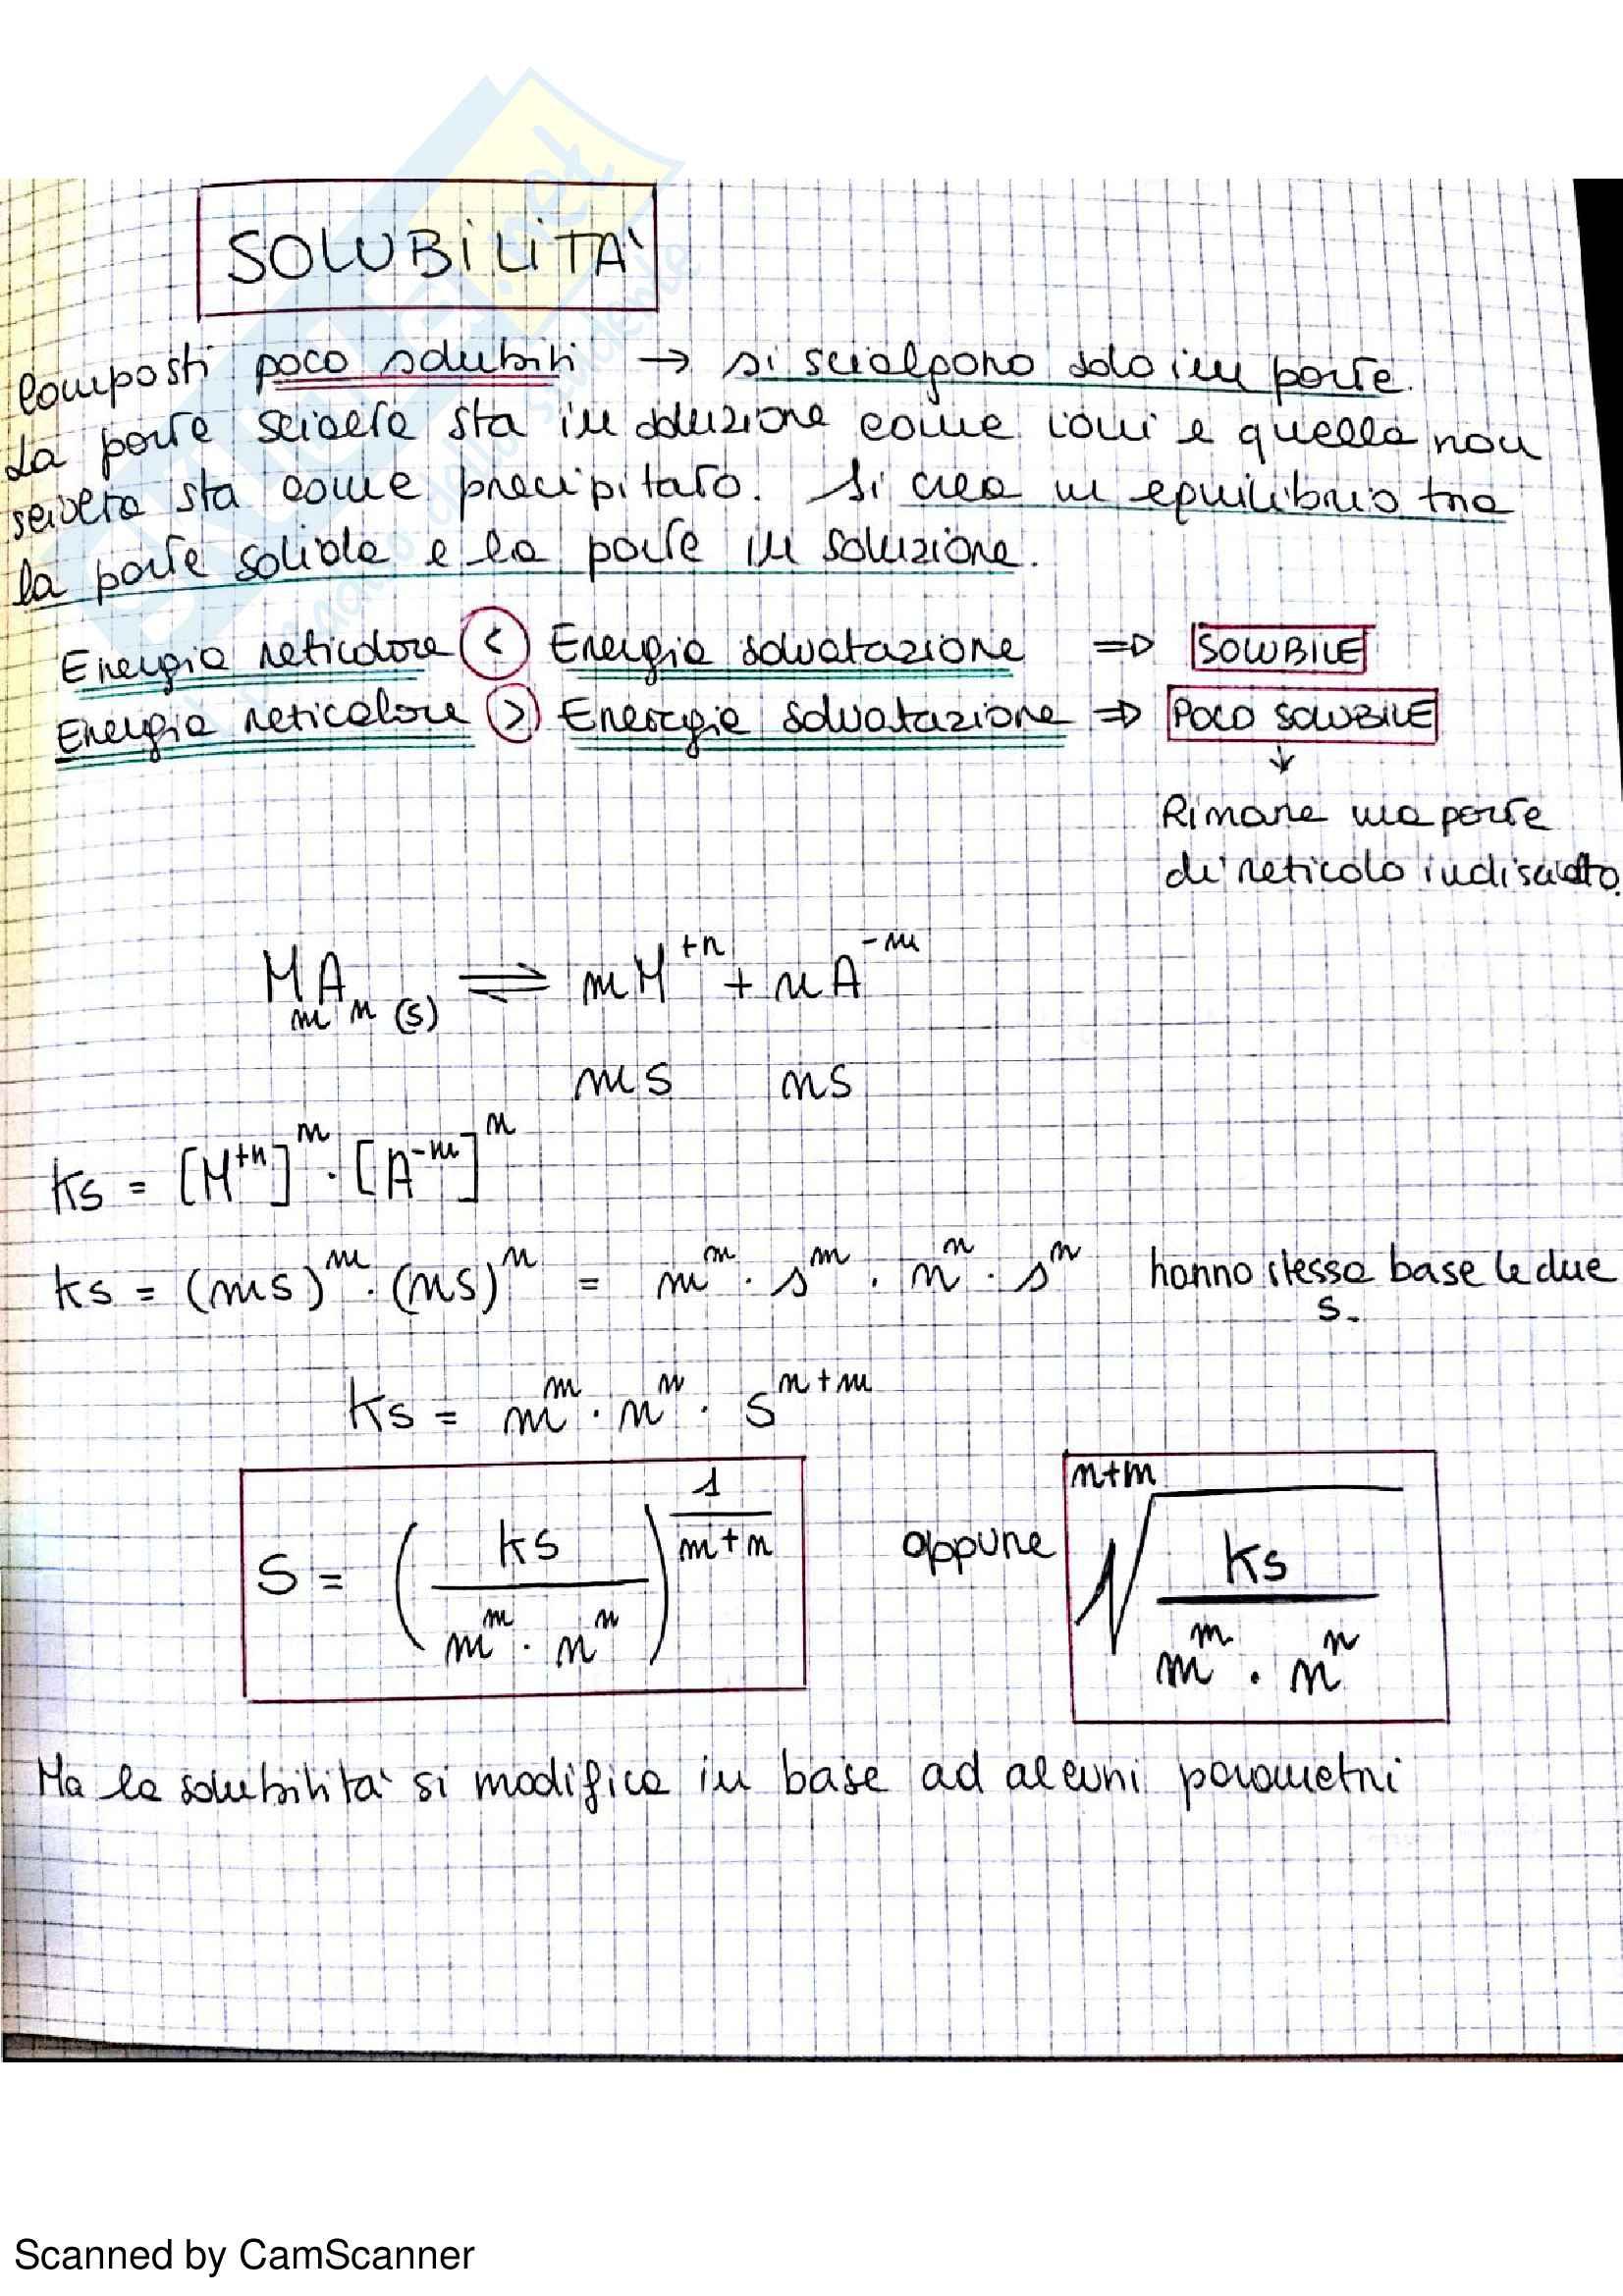 Appunti completi di chimica analitica comprensivi di esercizi d'esame Pag. 46